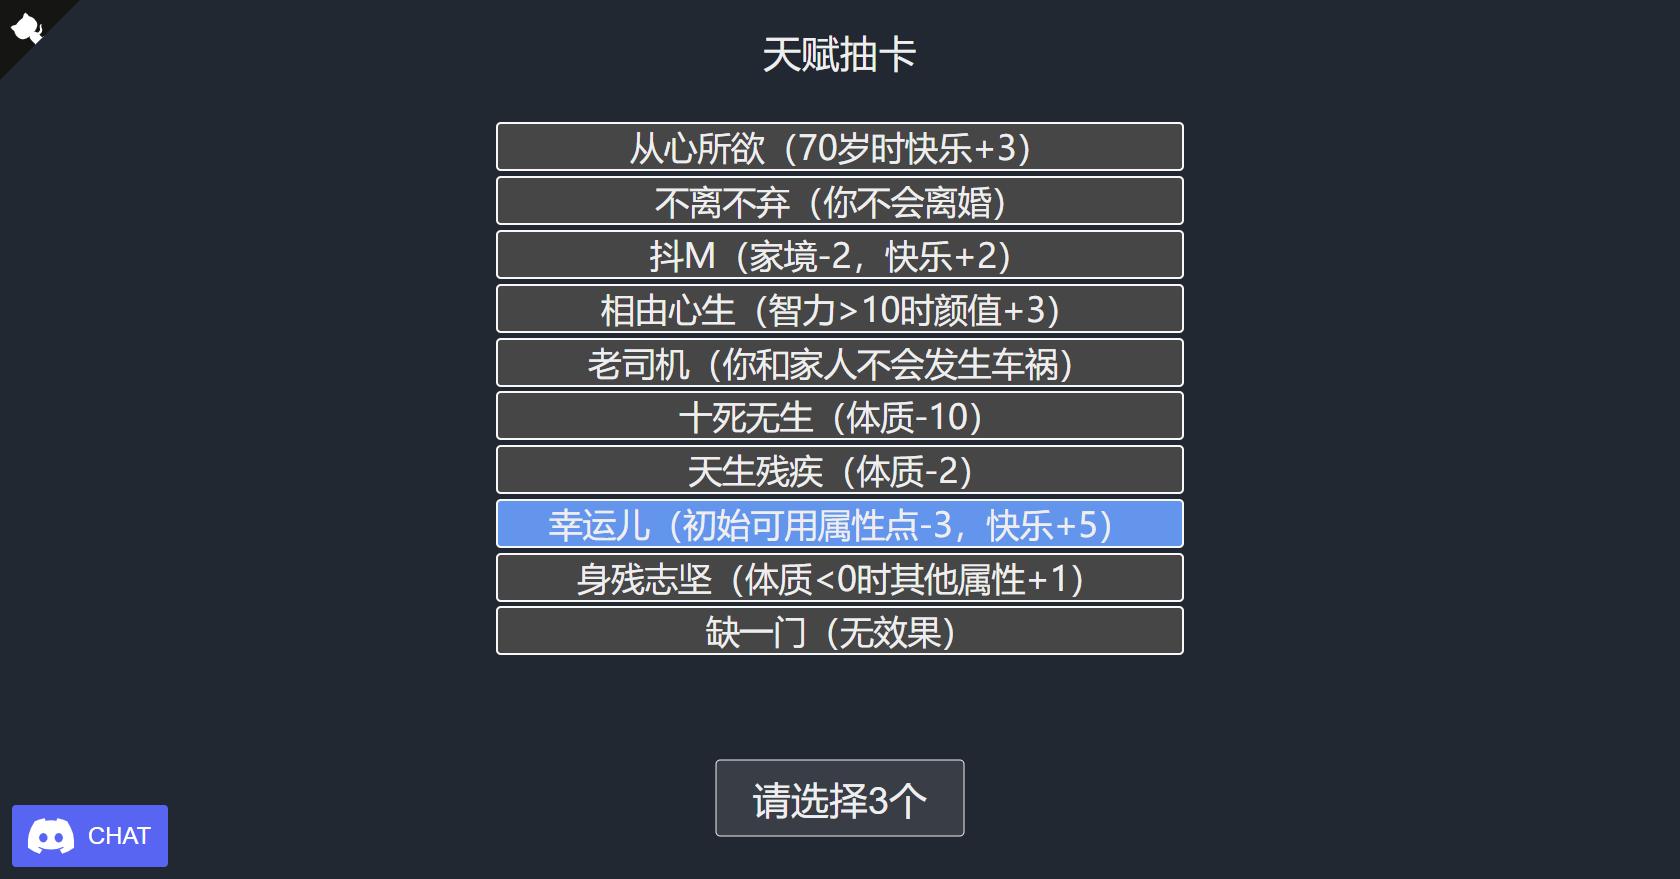 人生重开电脑pc版下载官方中文版